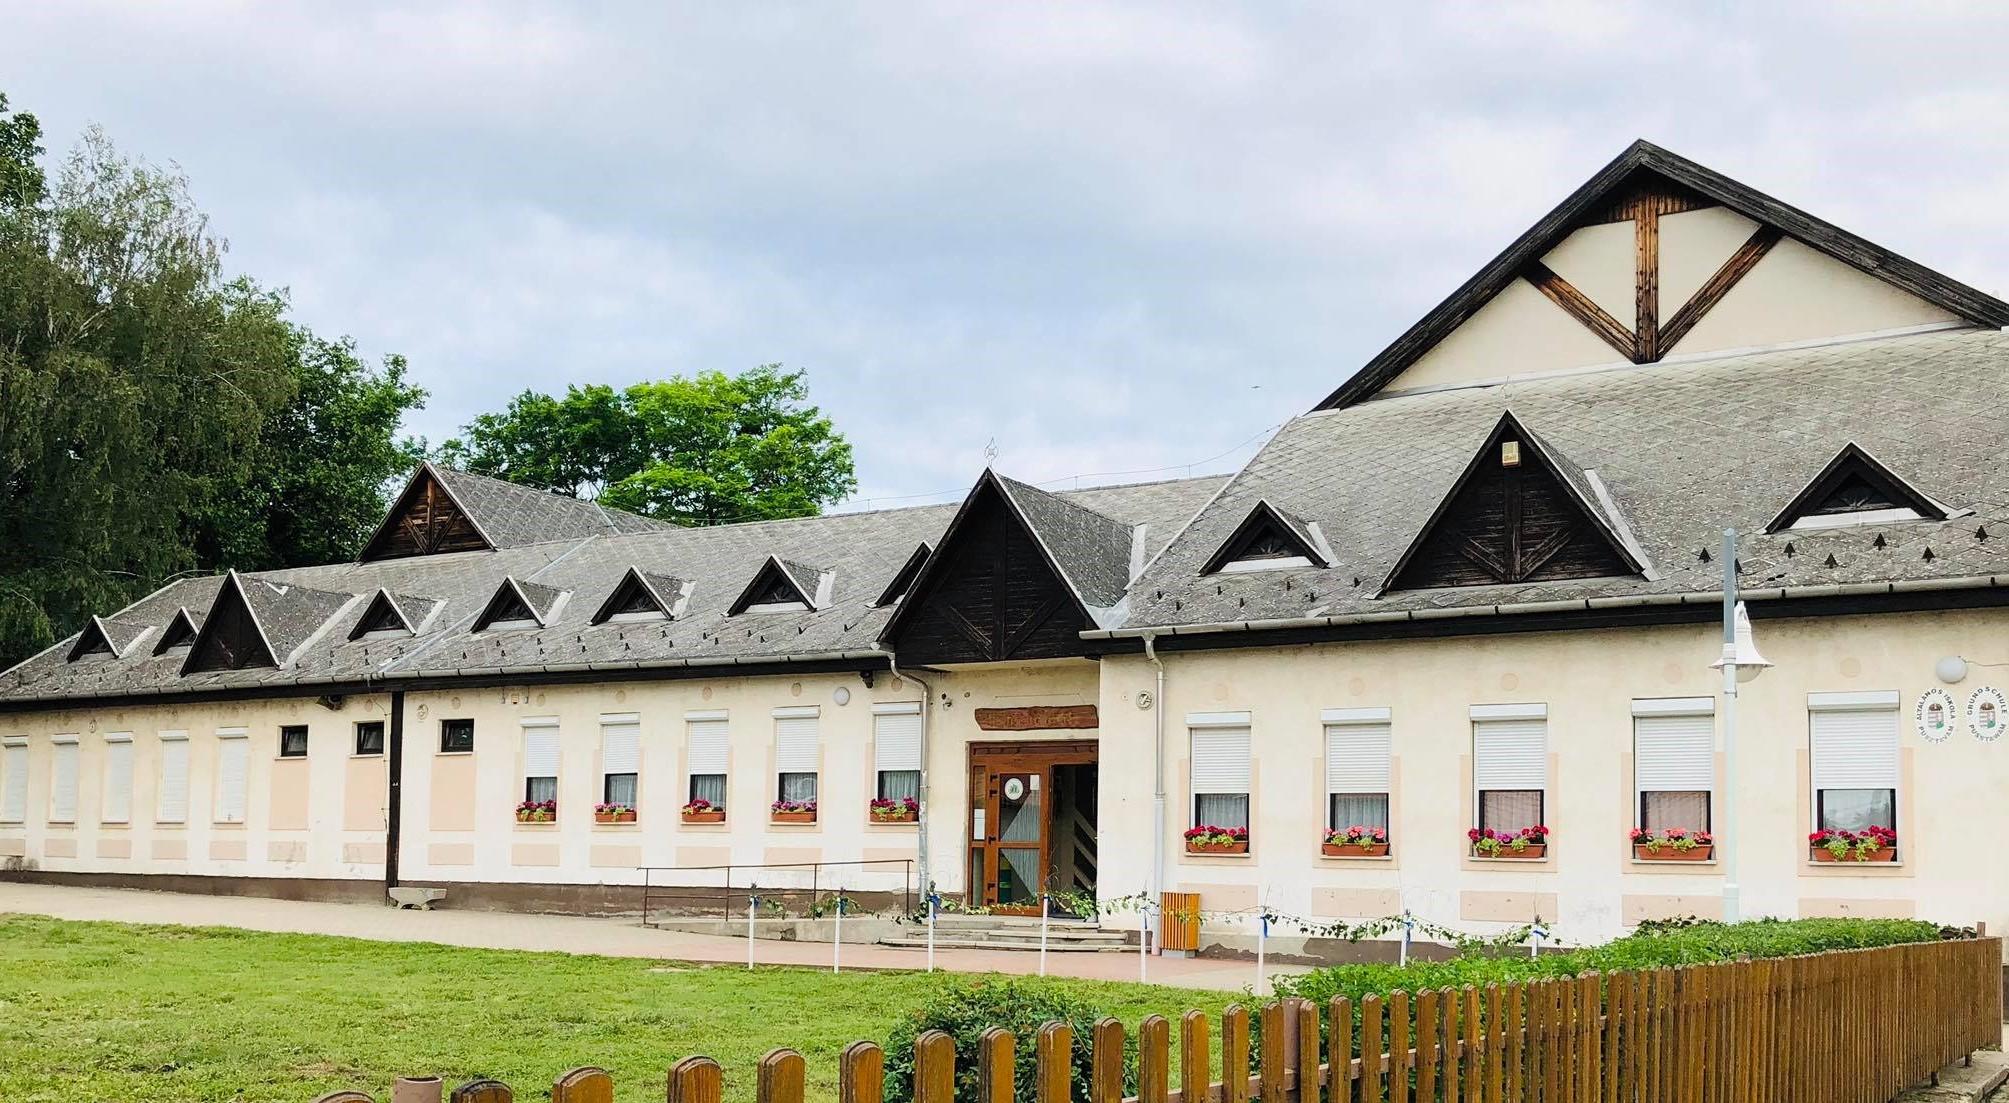 Német nemzetiségi tábor a Pusztavámi Német Nemzetiségi Általános Iskolában